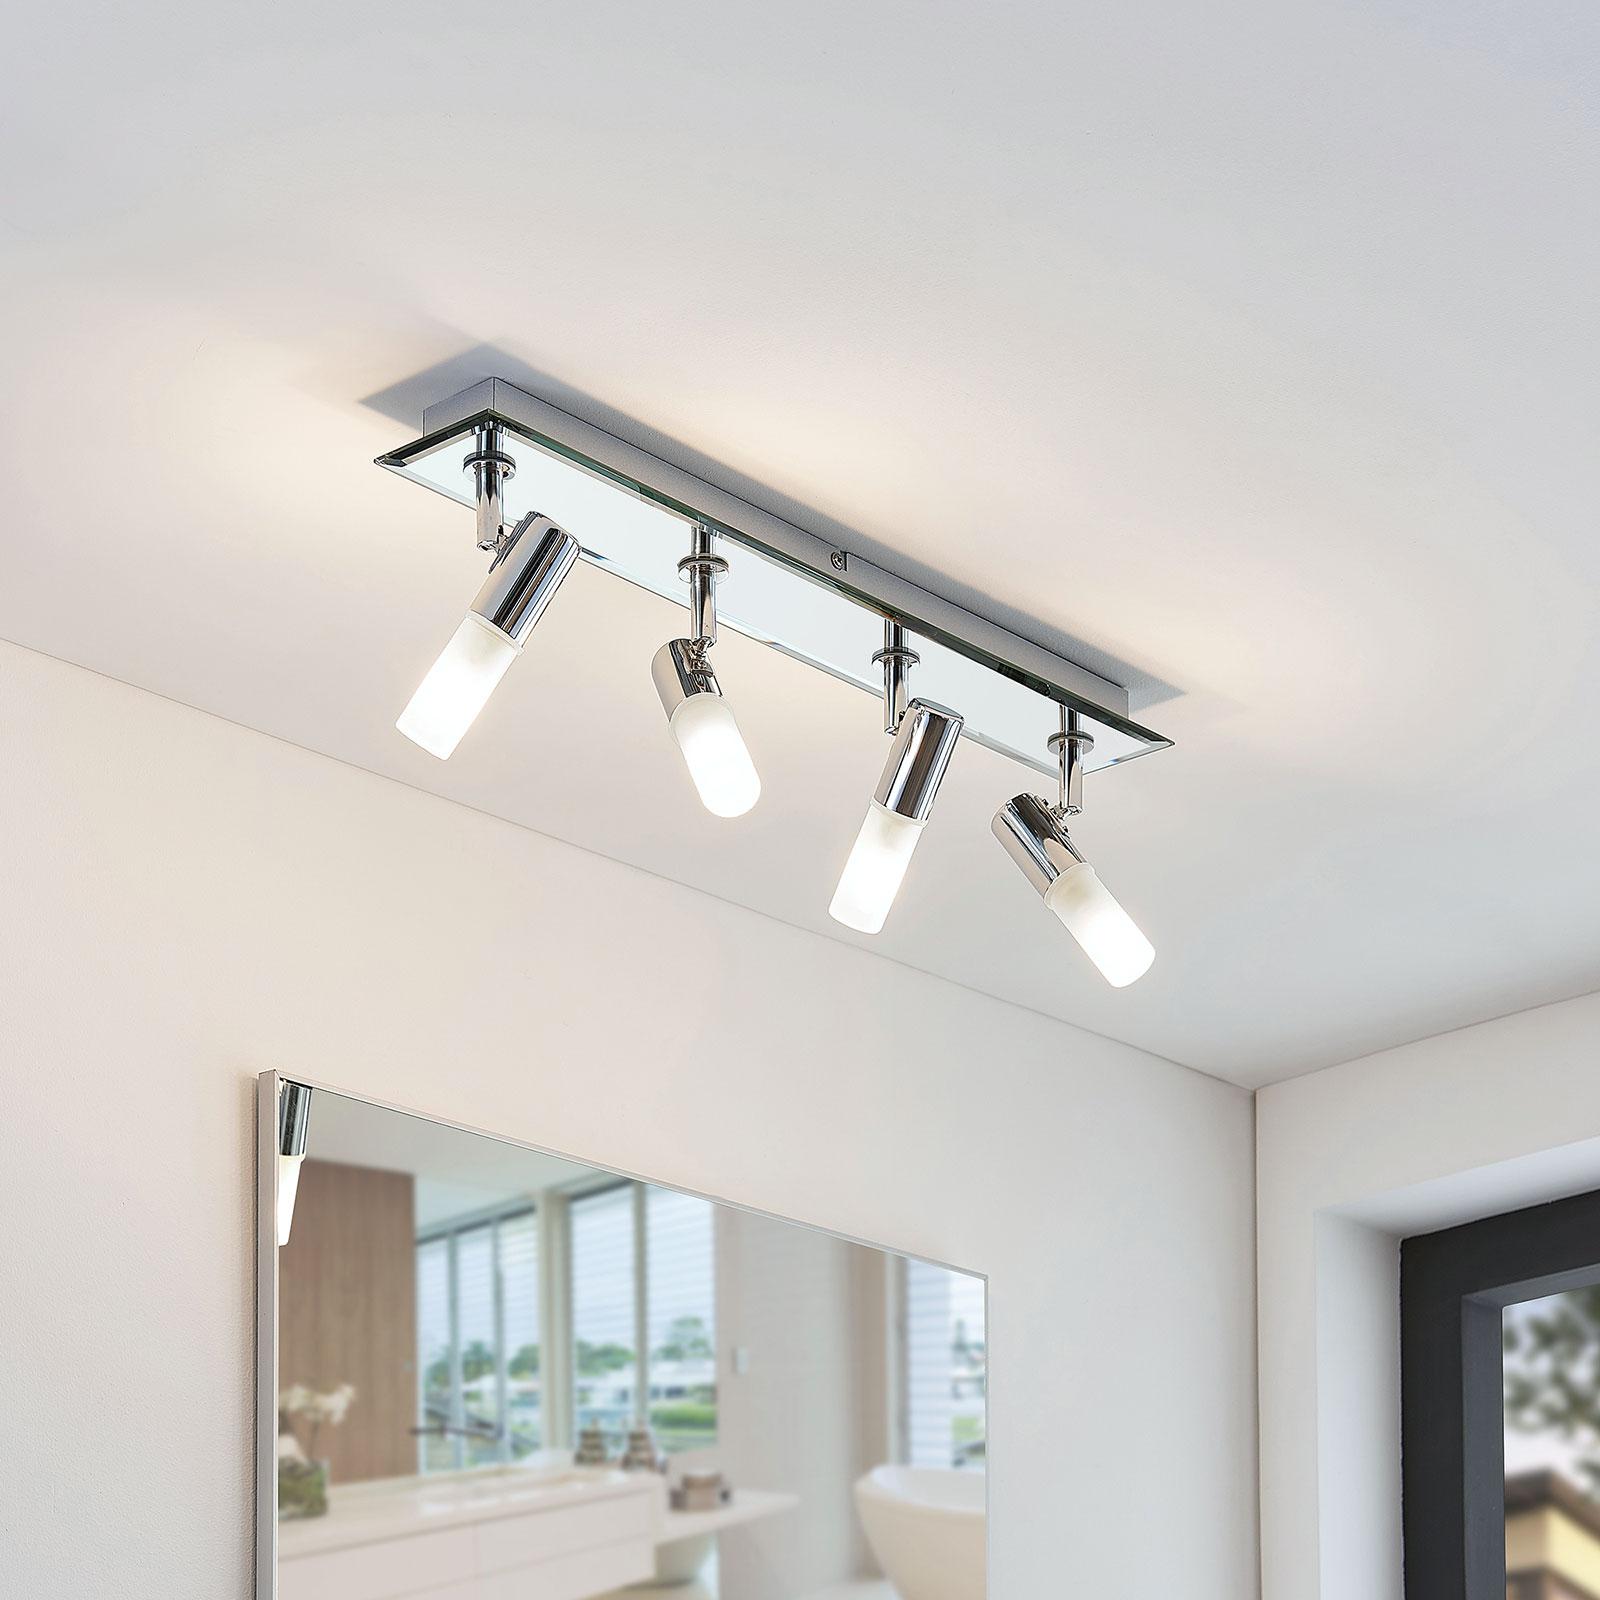 Lámpara de techo para baño Zela, 4 brazos, 53 cm